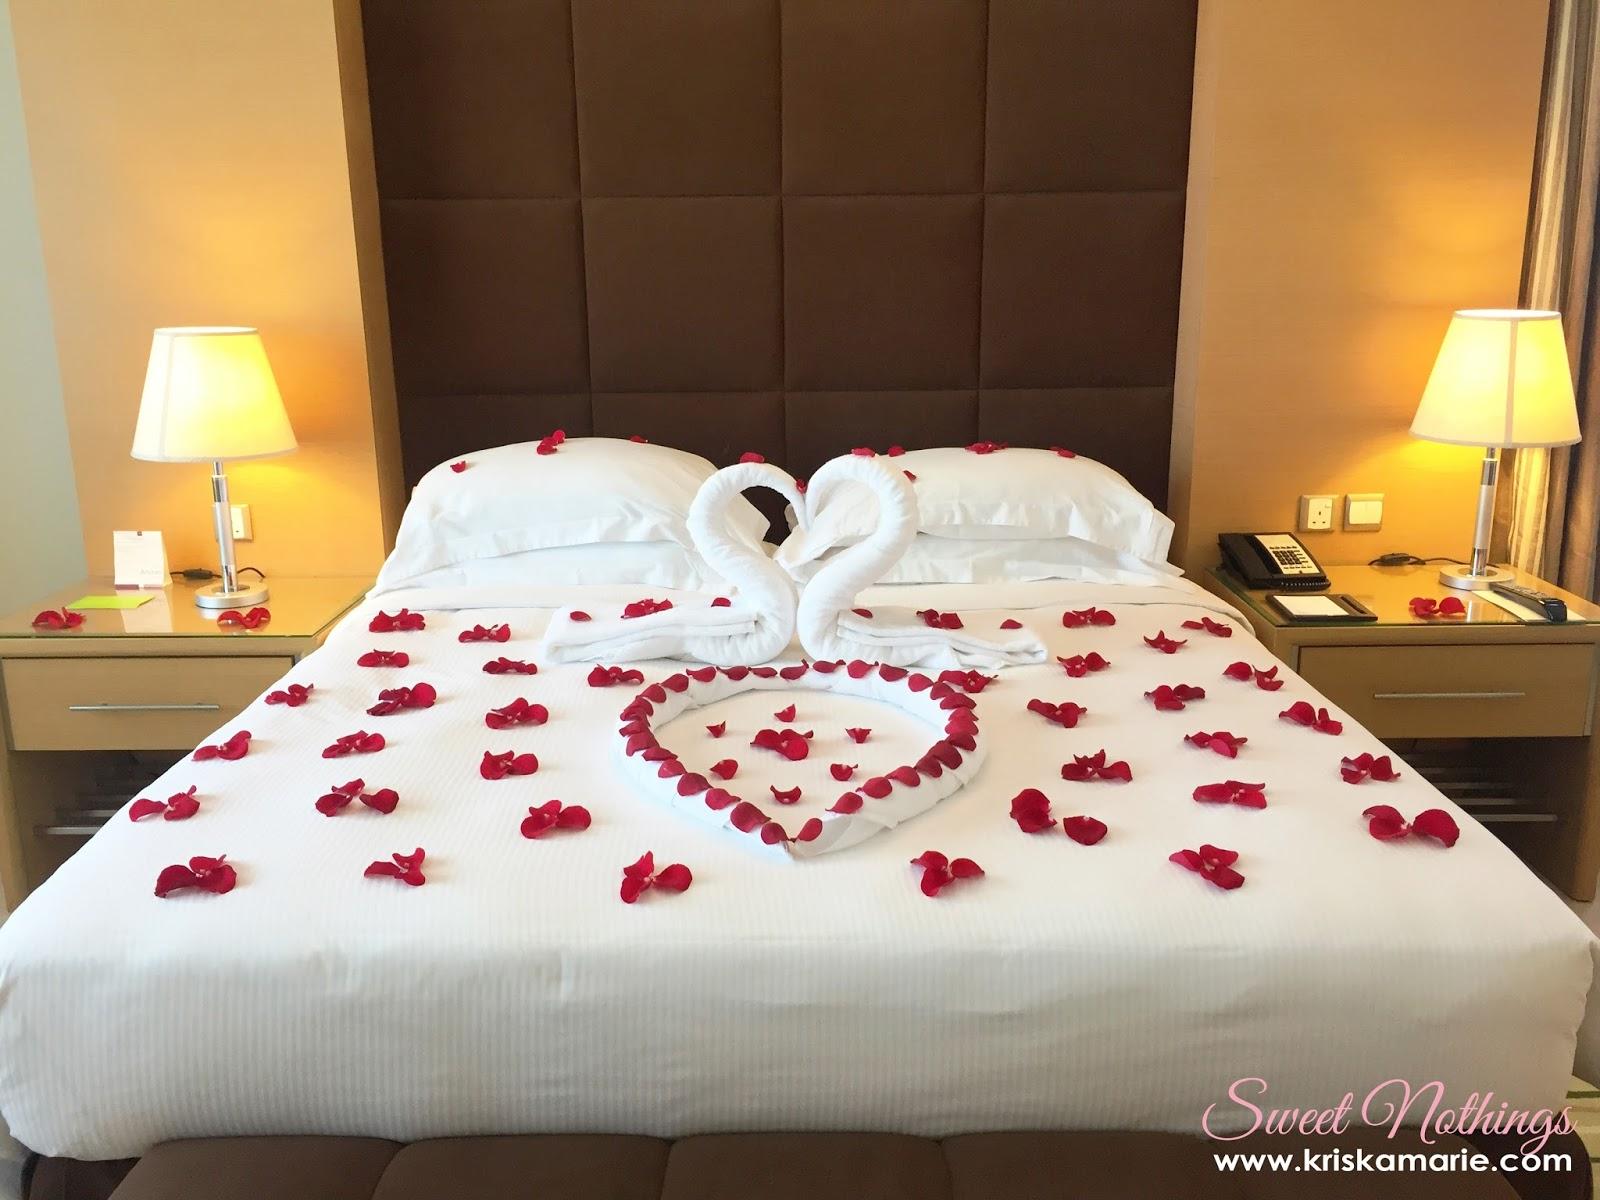 84 best True Romance images on Pinterest | Romantic ideas ...